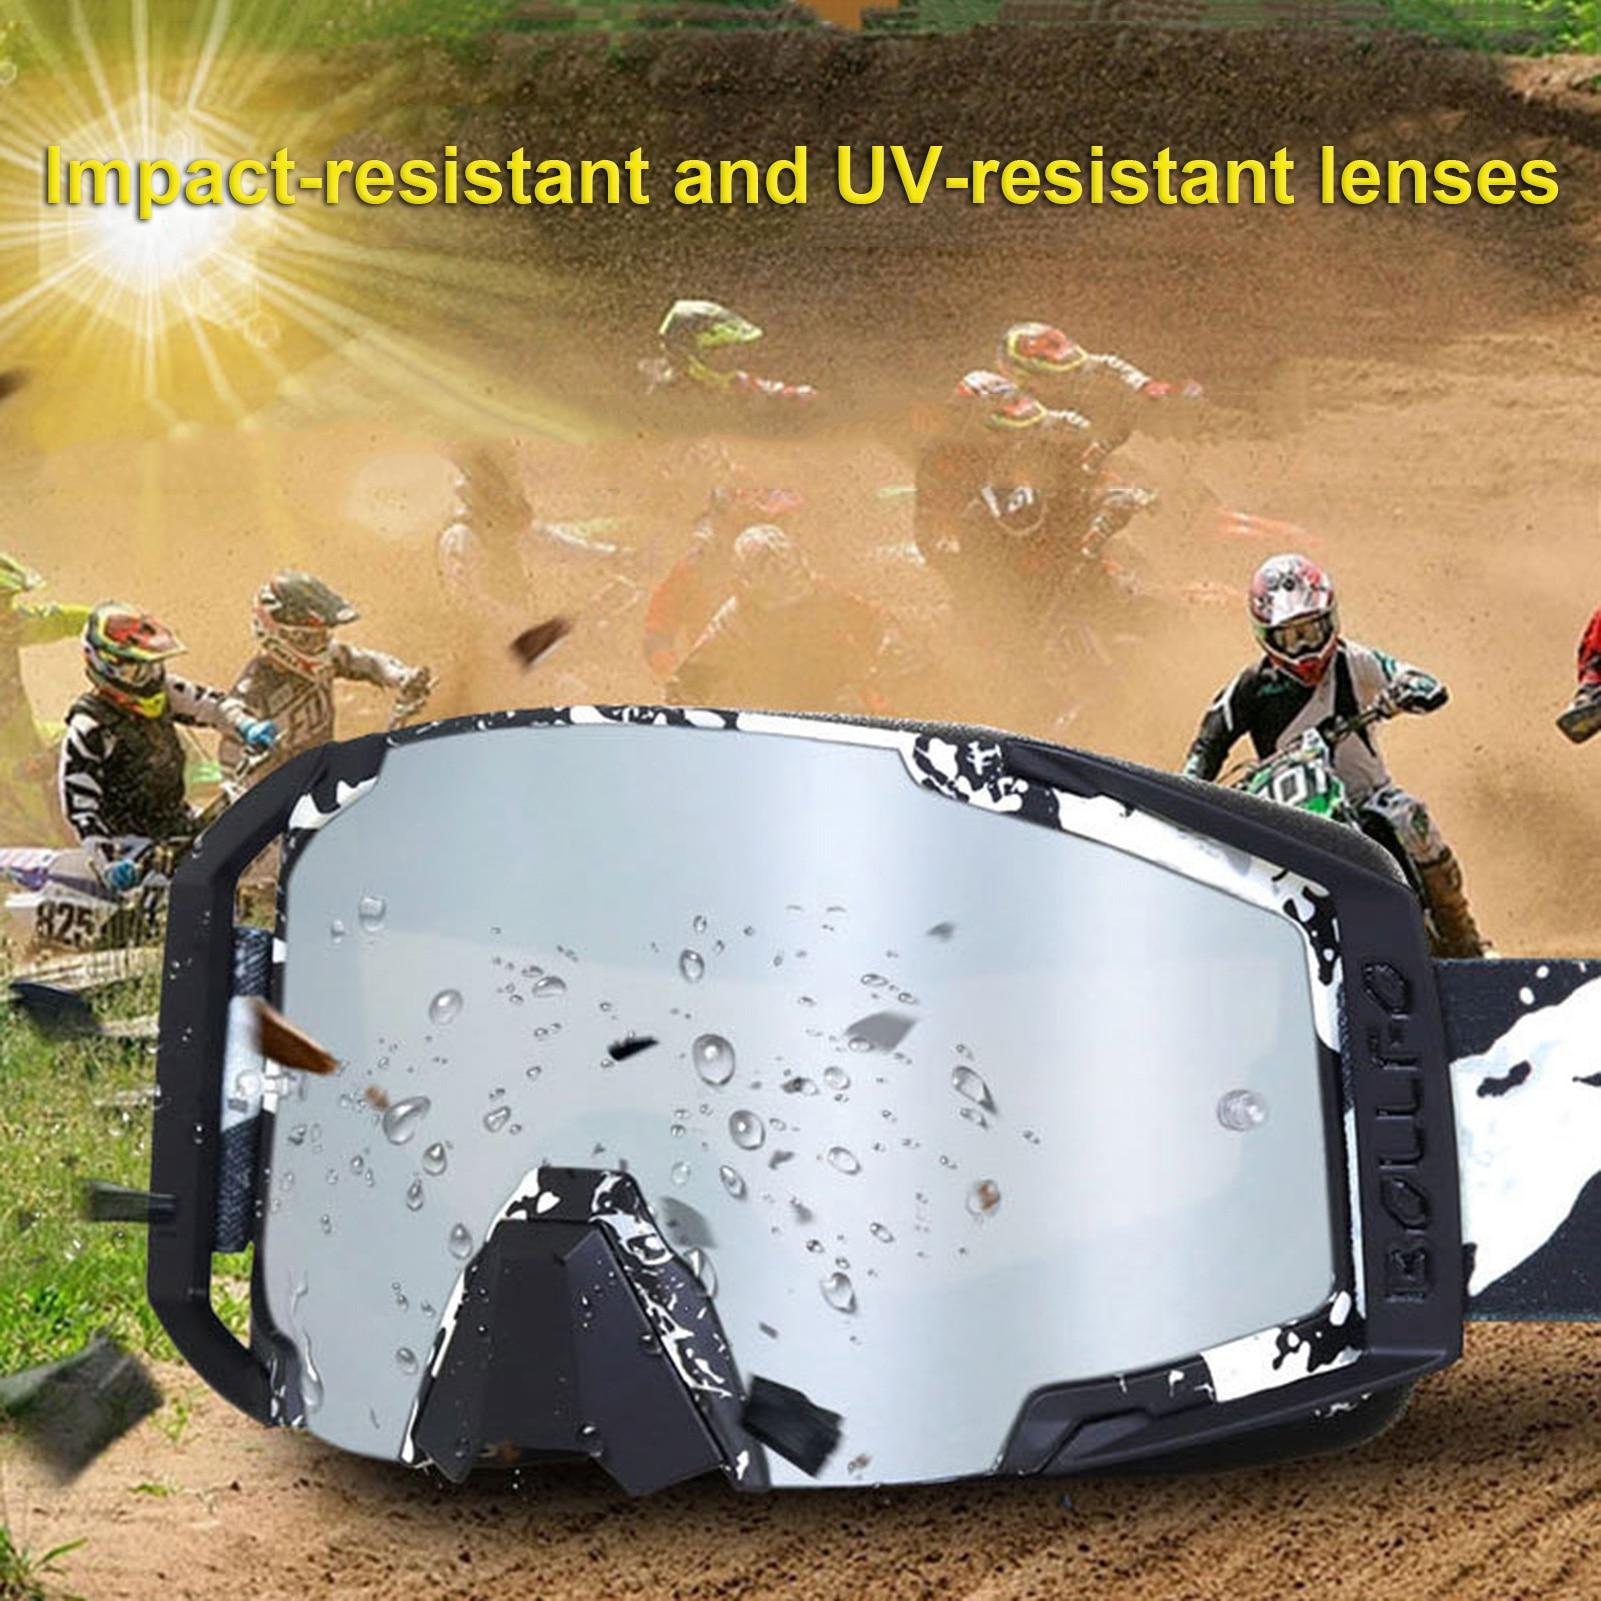 Серебряные лыжные очки для верховой езды ATV ветрозащитные УФ-стойкие очки для сноуборда регулируемые гибкие снегоход MTB очки для сноуборда очки